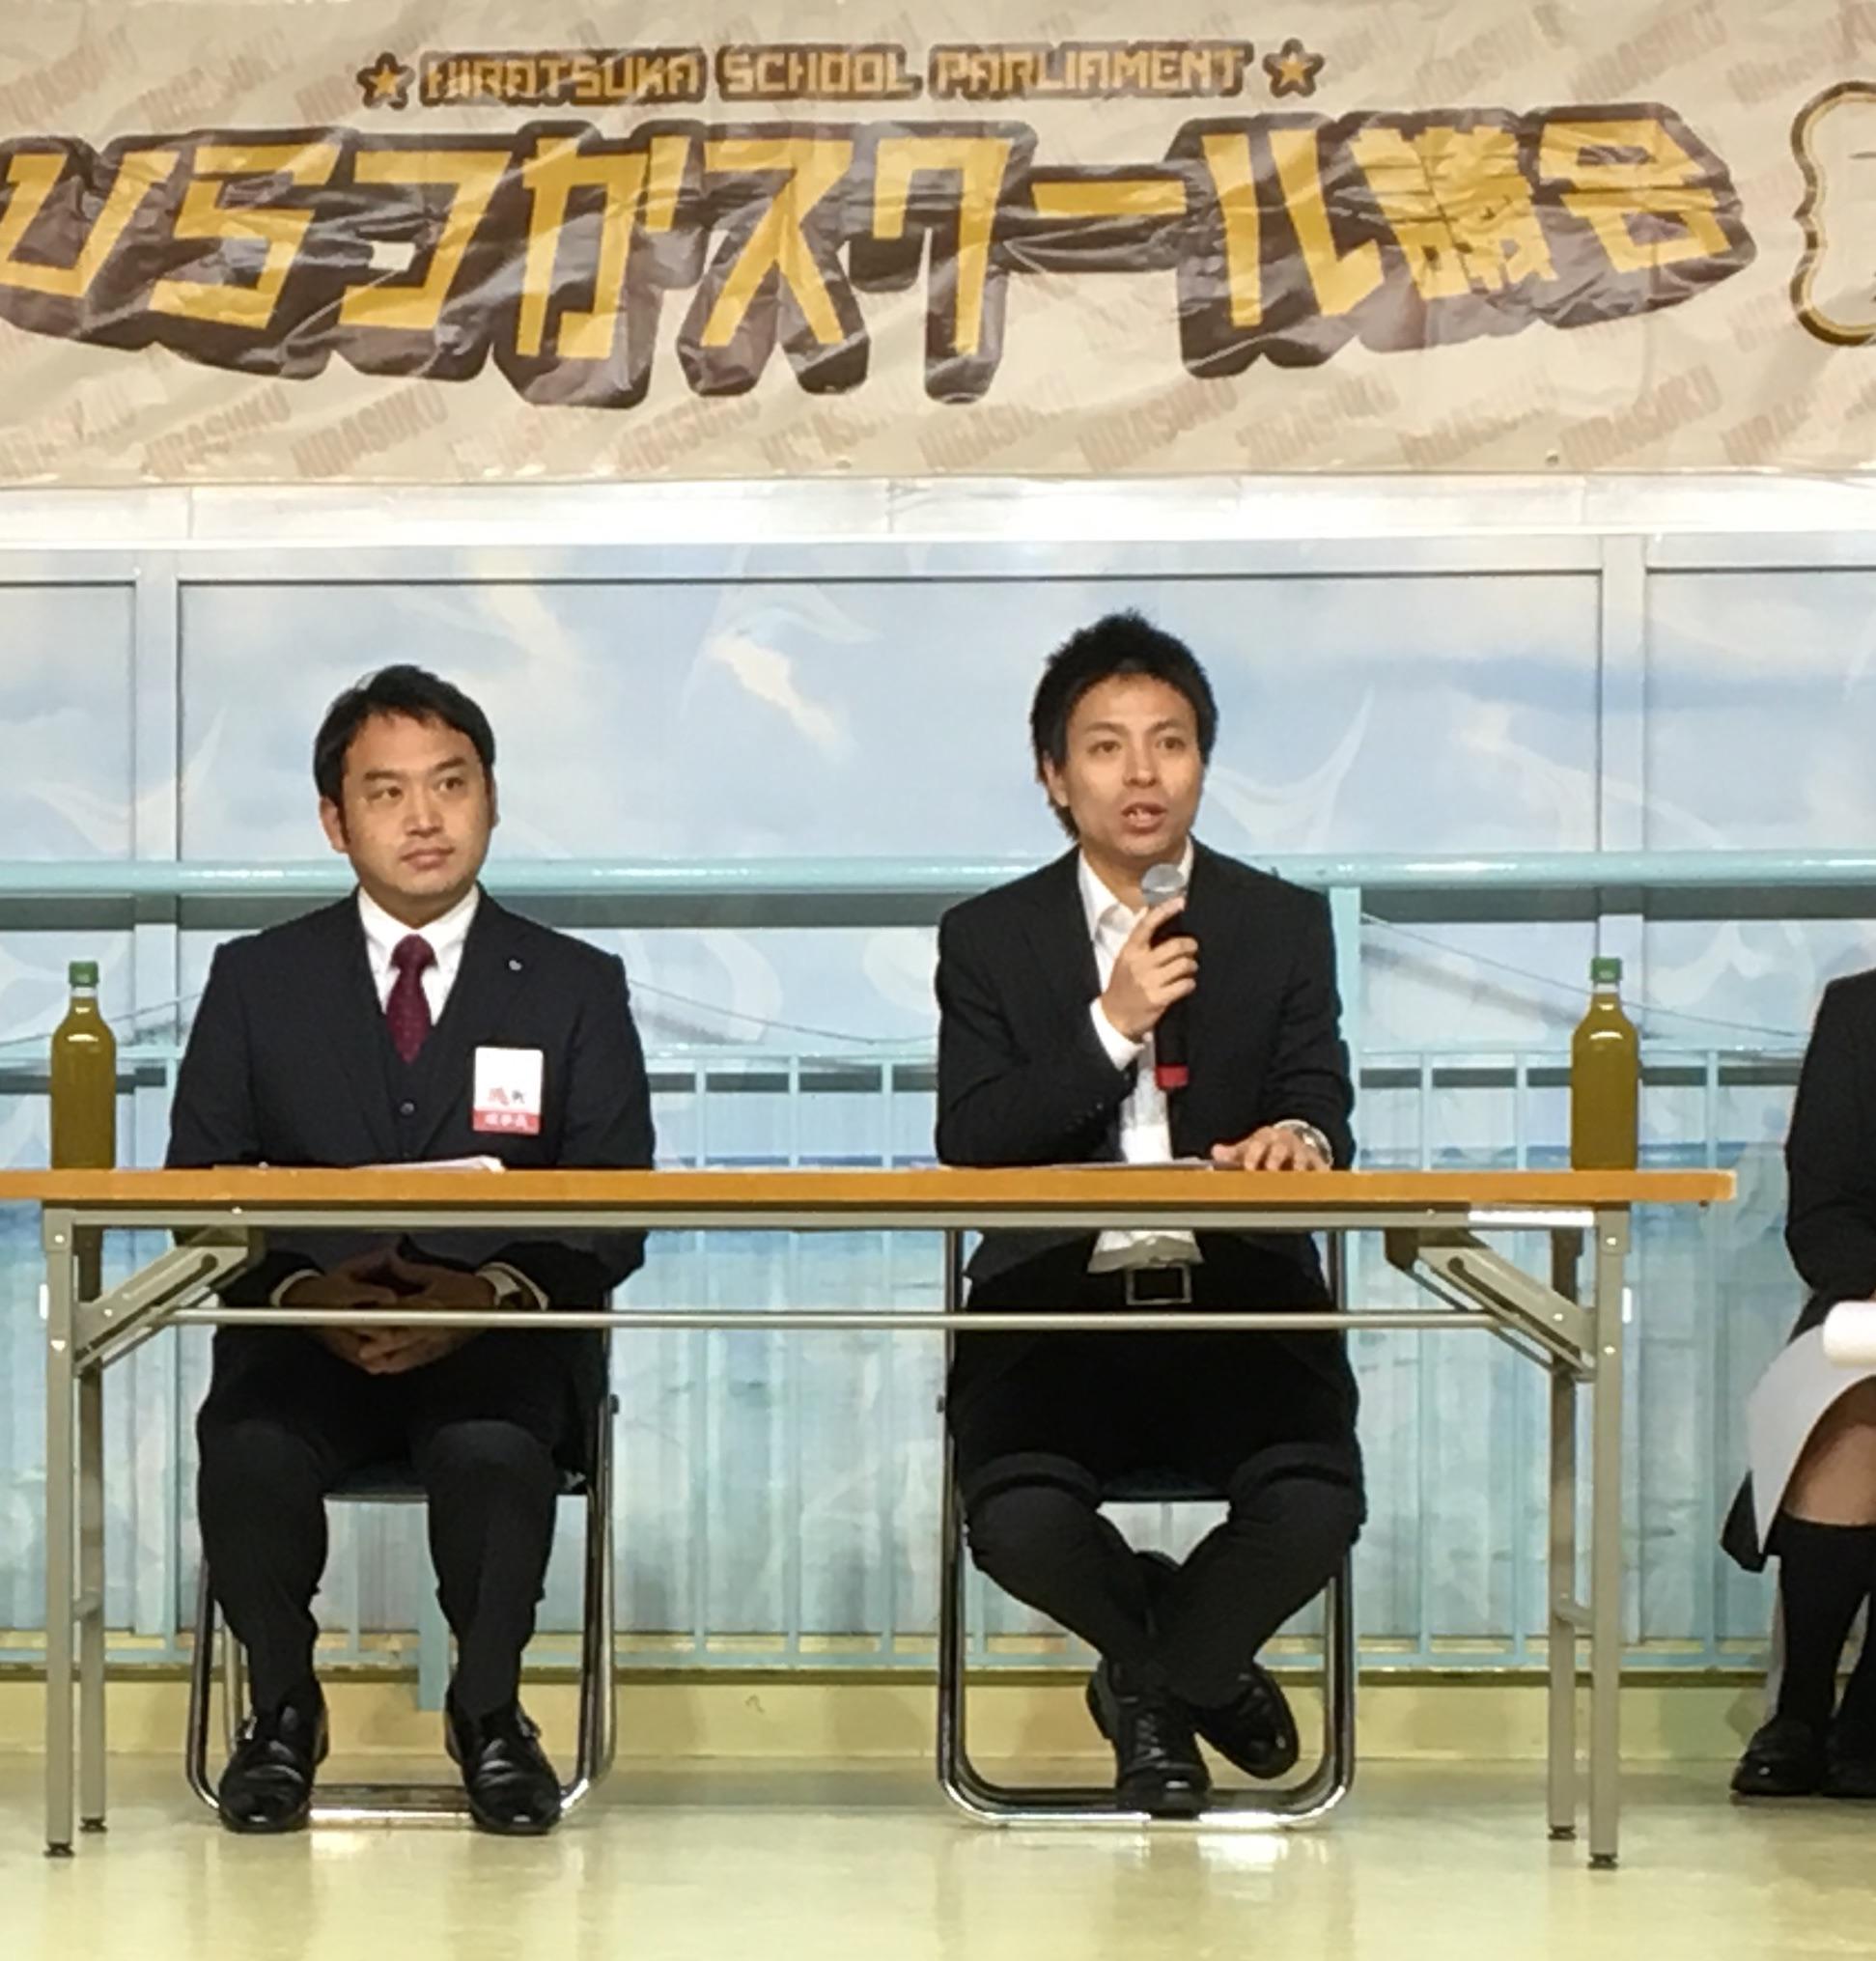 ひらつかスクール議会報告会を見学に〜YouthCreate原田謙介さんの追っかけデス